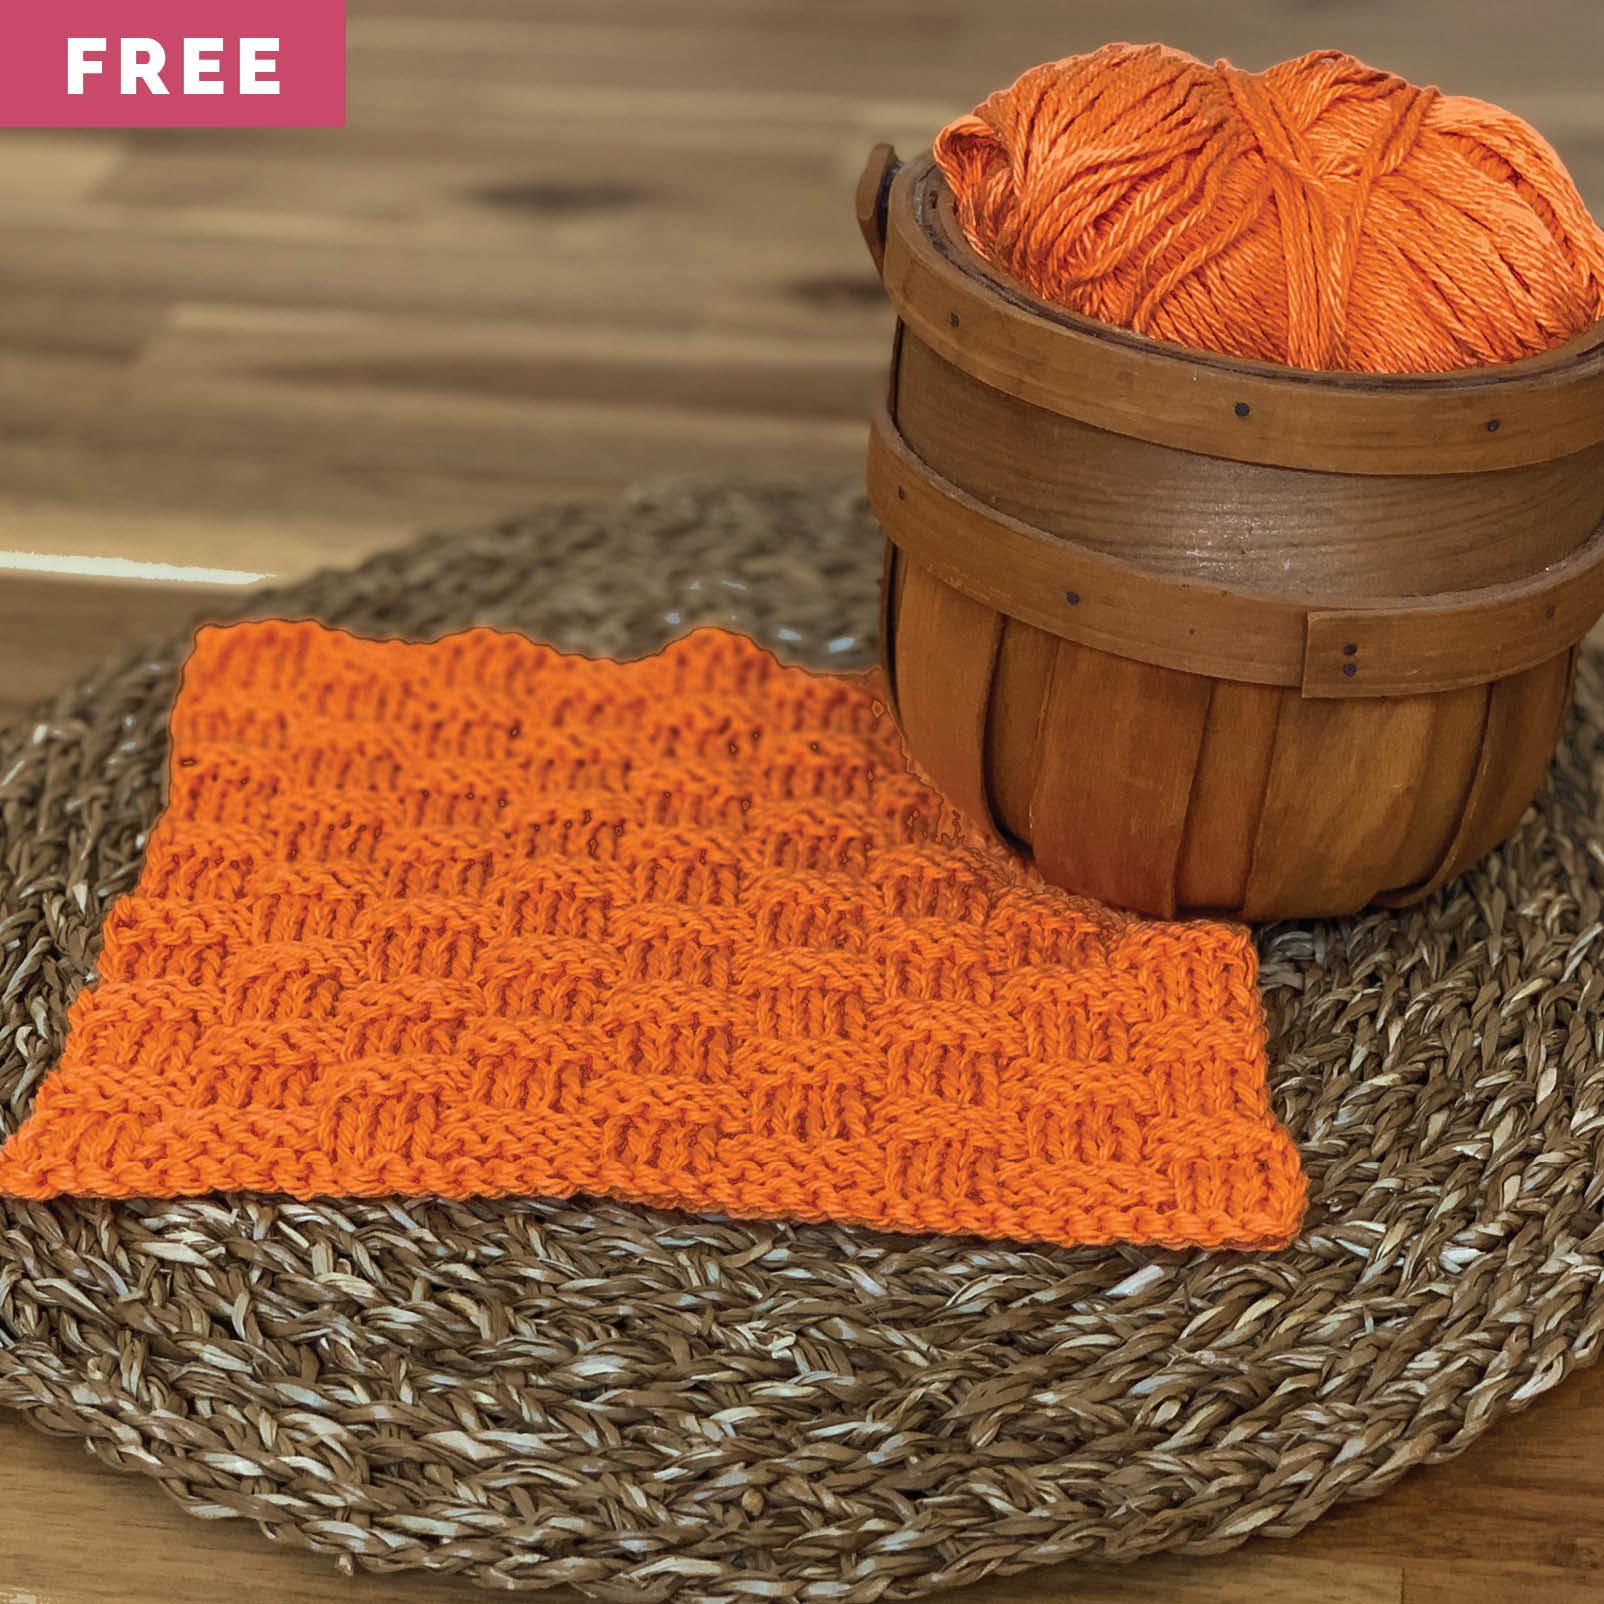 Free Knitting Pattern - Basket Weave Dishcloth